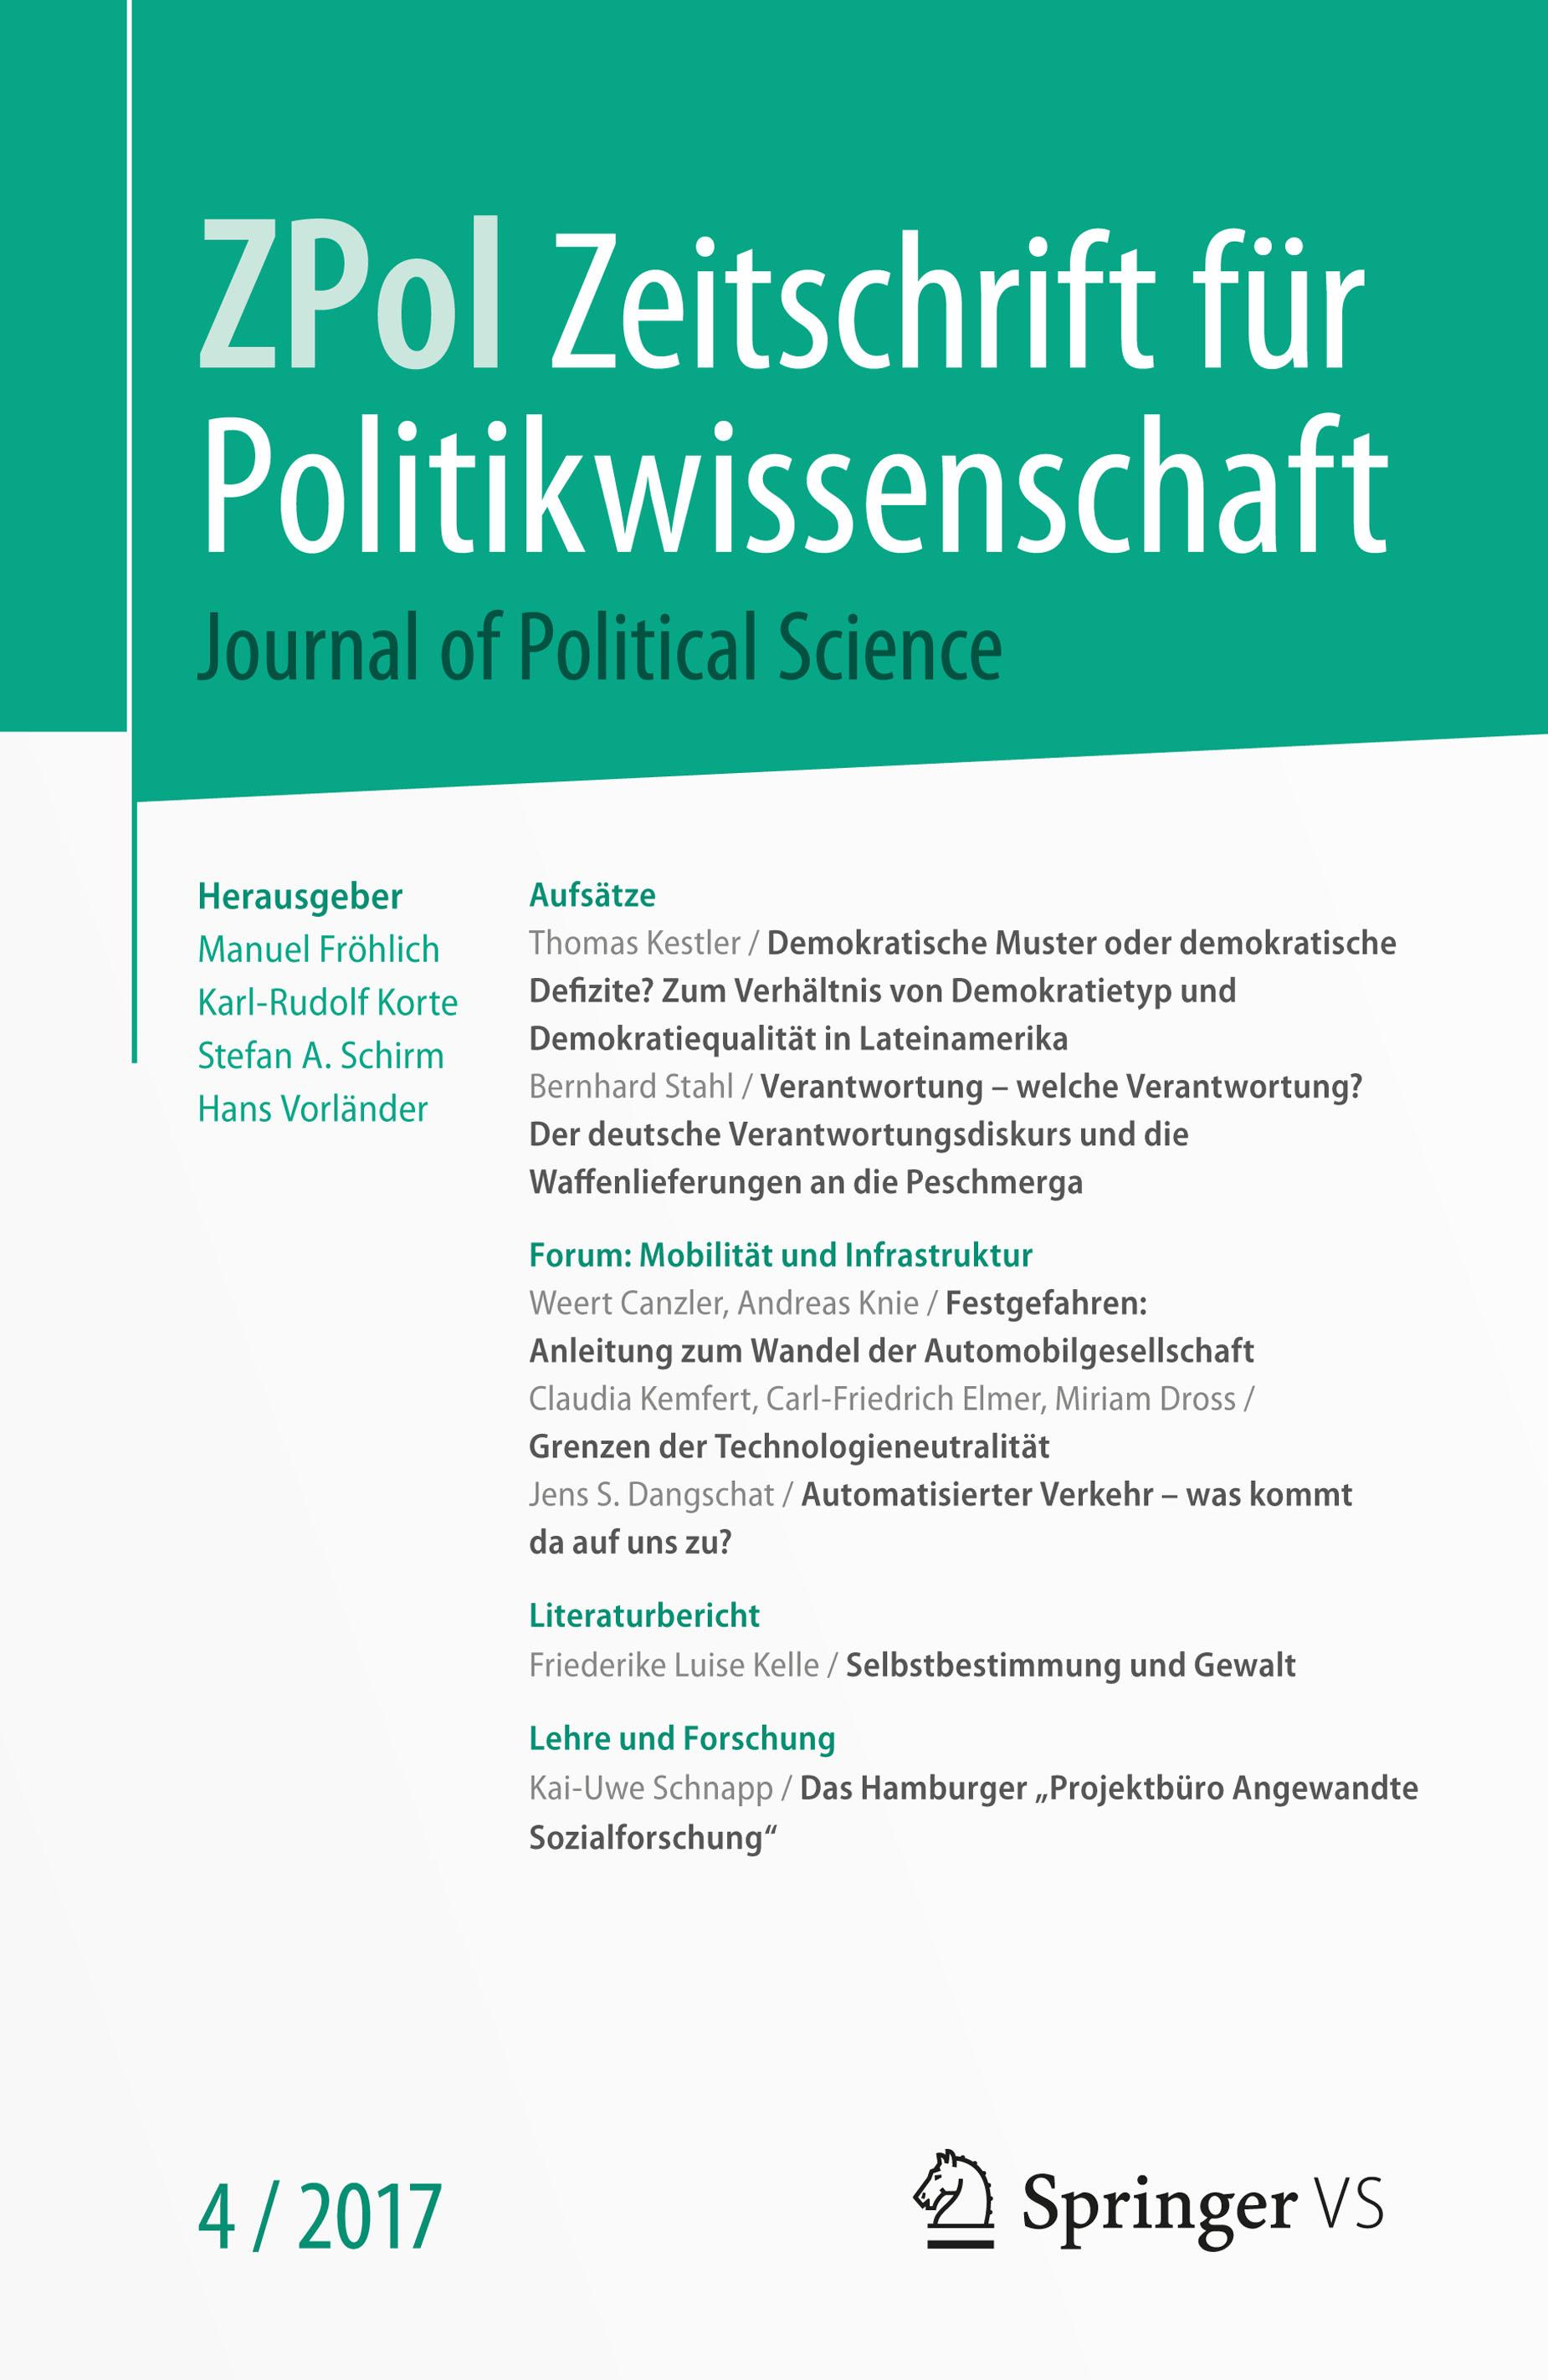 ZPol Heft 4/2017